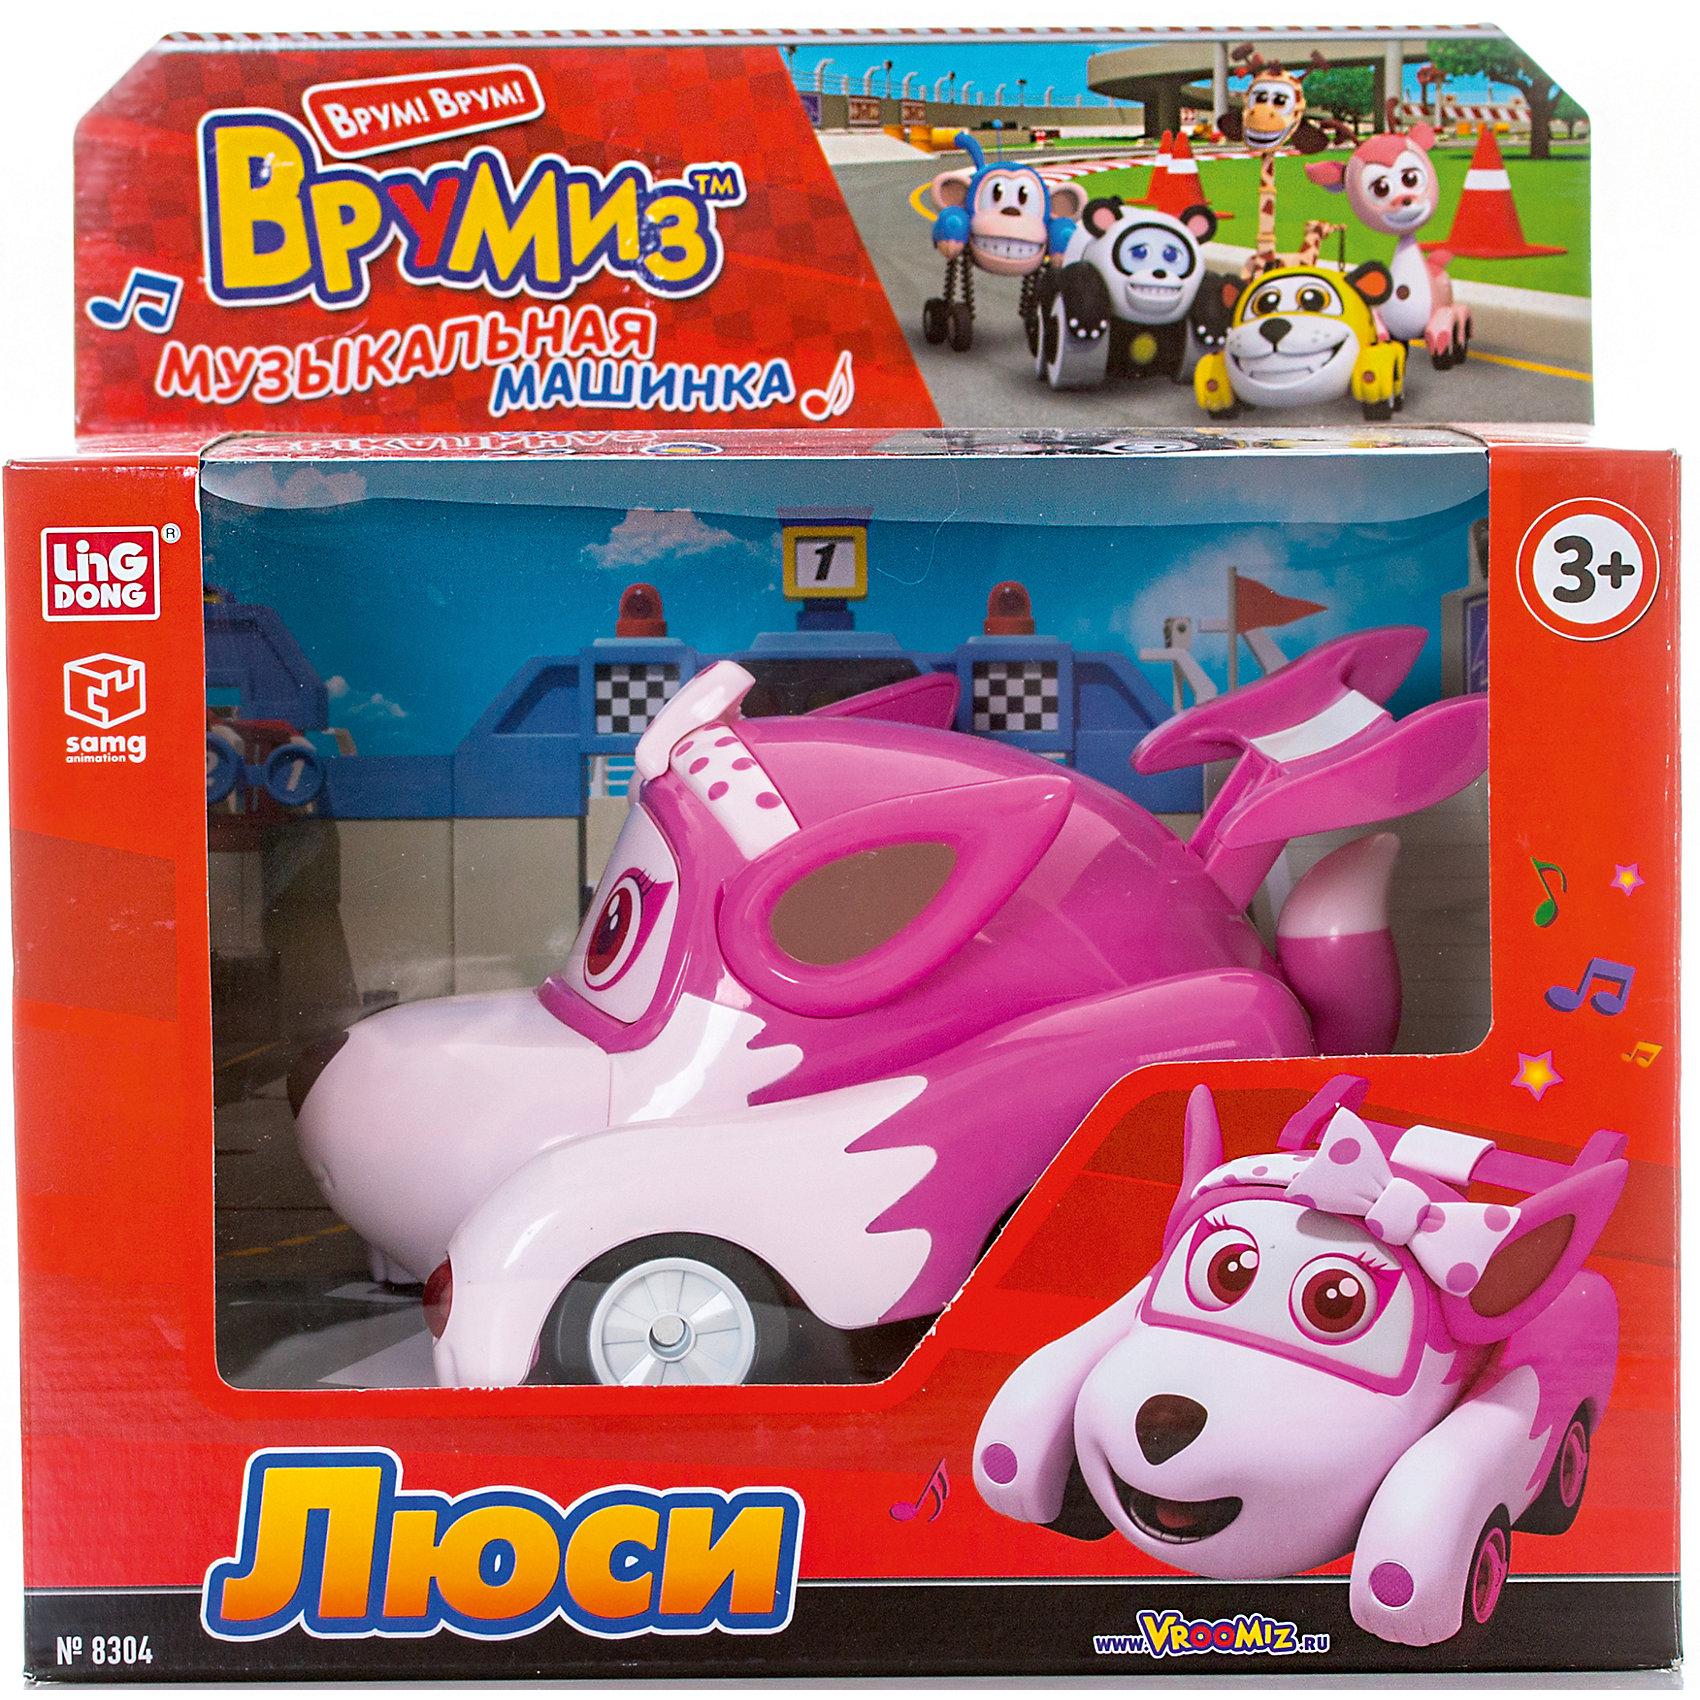 Машинка со звуковыми и световыми эффектами Люси, ВрумизМашинки и транспорт для малышей<br>Характеристики товара:<br><br>- цвет: розовый;<br>- материал: пластик;<br>- работает от батареек;<br>- особенности: при встрече с препятствием машинка поворачивает в другую строну, фары светятся;<br>- упаковка: картонная коробка;<br>- размер упаковки: 26х17х26 см.<br><br>Игра в машинки - это очень увлекательно! Какой мальчишка откажется поиграть с героем любимого мультфильма Врумиз?! Игрушки из этой серии отлично детализированы, очень качественно выполнены, поэтому такой комплект станет отличным подарком ребенку. Он продается в красивой упаковке.<br>Изделия произведены из высококачественного материала, безопасного для детей.<br><br>Машинку со звуковыми и световыми эффектами Люси от бренда Врумиз можно купить в нашем интернет-магазине.<br><br>Ширина мм: 260<br>Глубина мм: 260<br>Высота мм: 170<br>Вес г: 805<br>Возраст от месяцев: 48<br>Возраст до месяцев: 2147483647<br>Пол: Унисекс<br>Возраст: Детский<br>SKU: 5039878